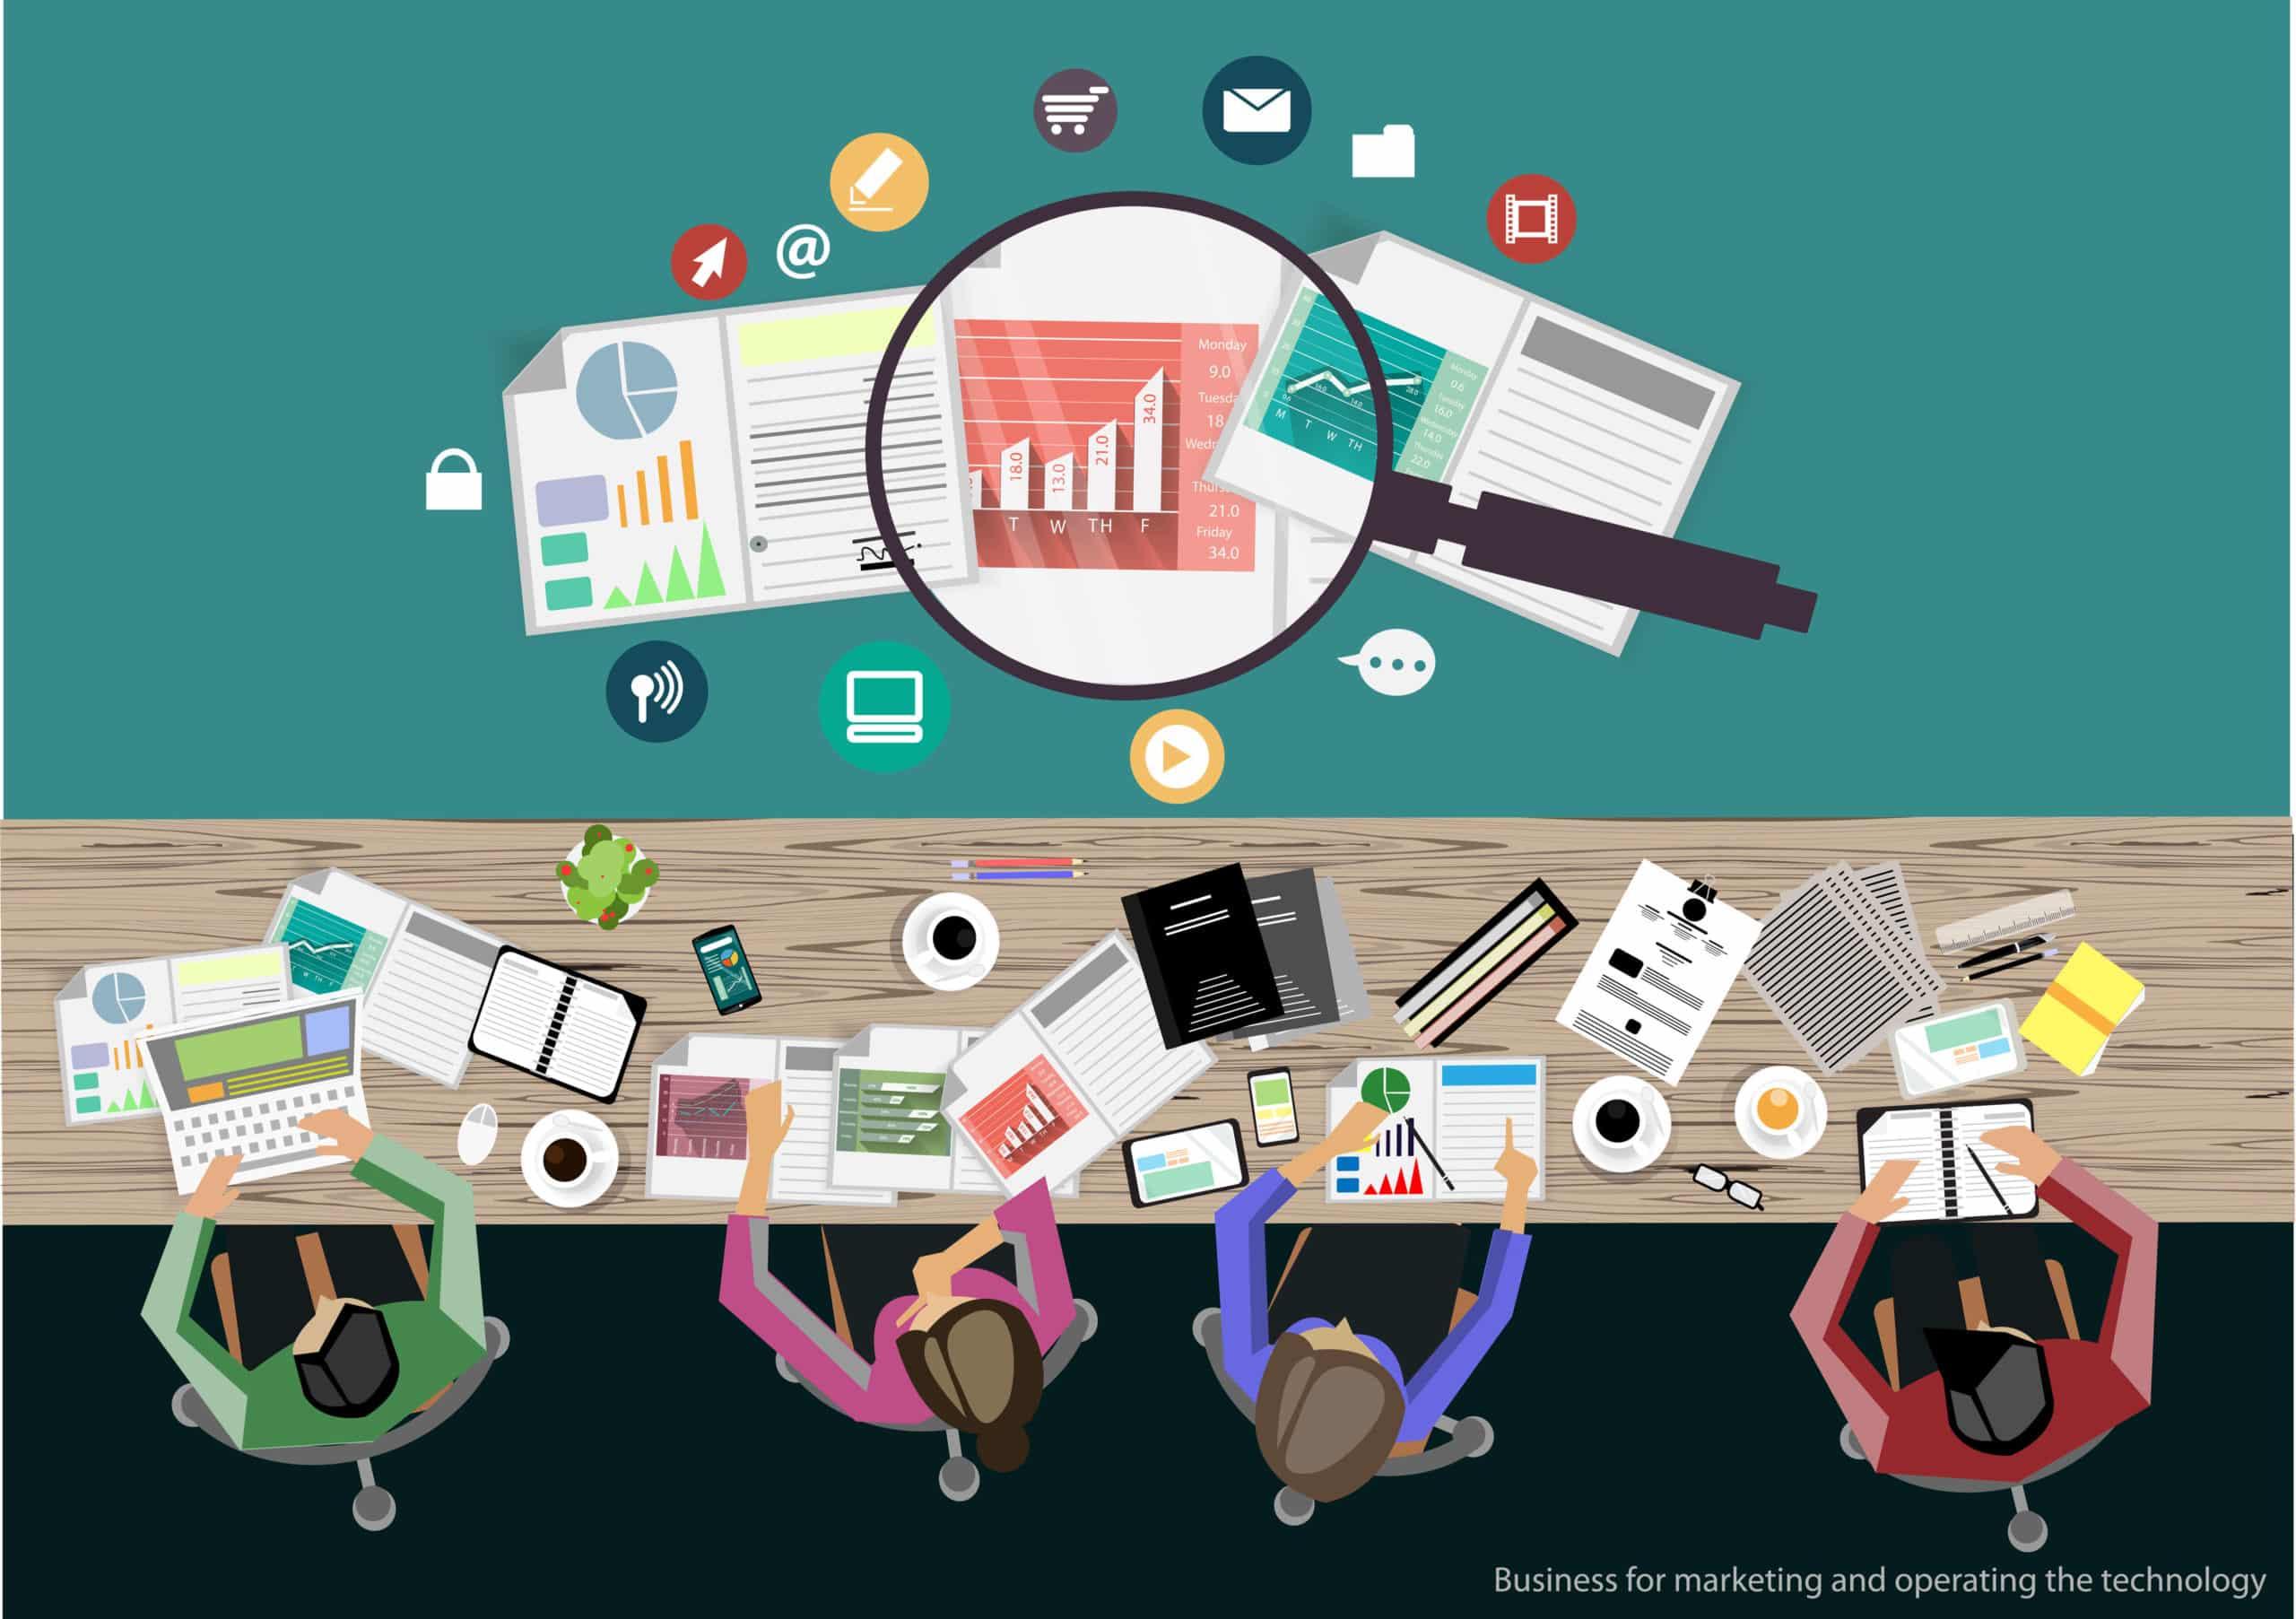 digital project management, online project management, project management essentials, dpm tools 2020